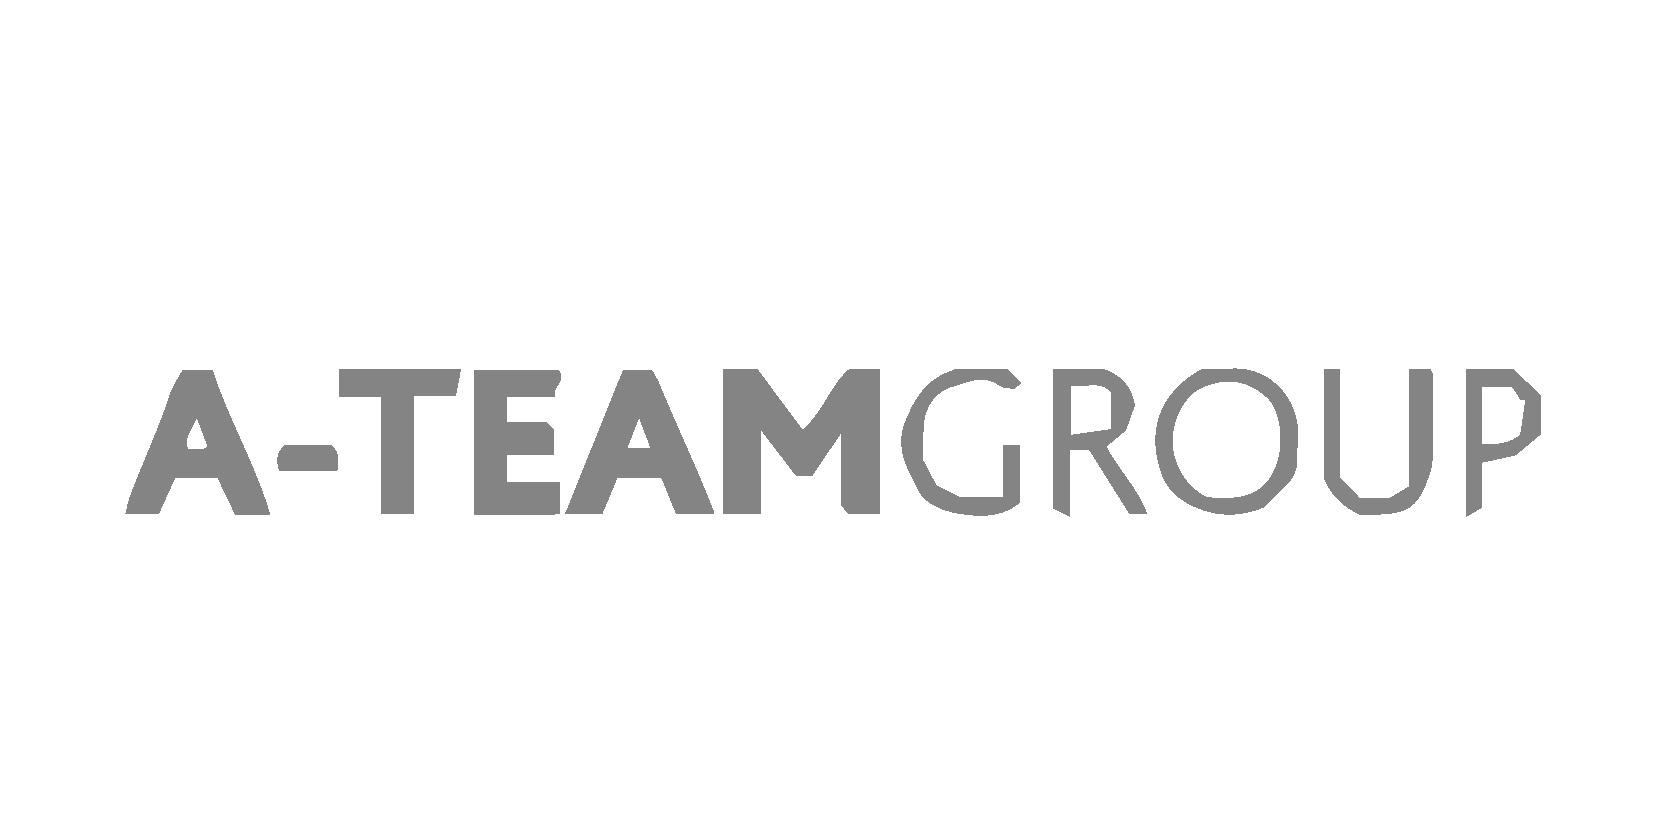 A-Team-small-widescreen-01-01-01